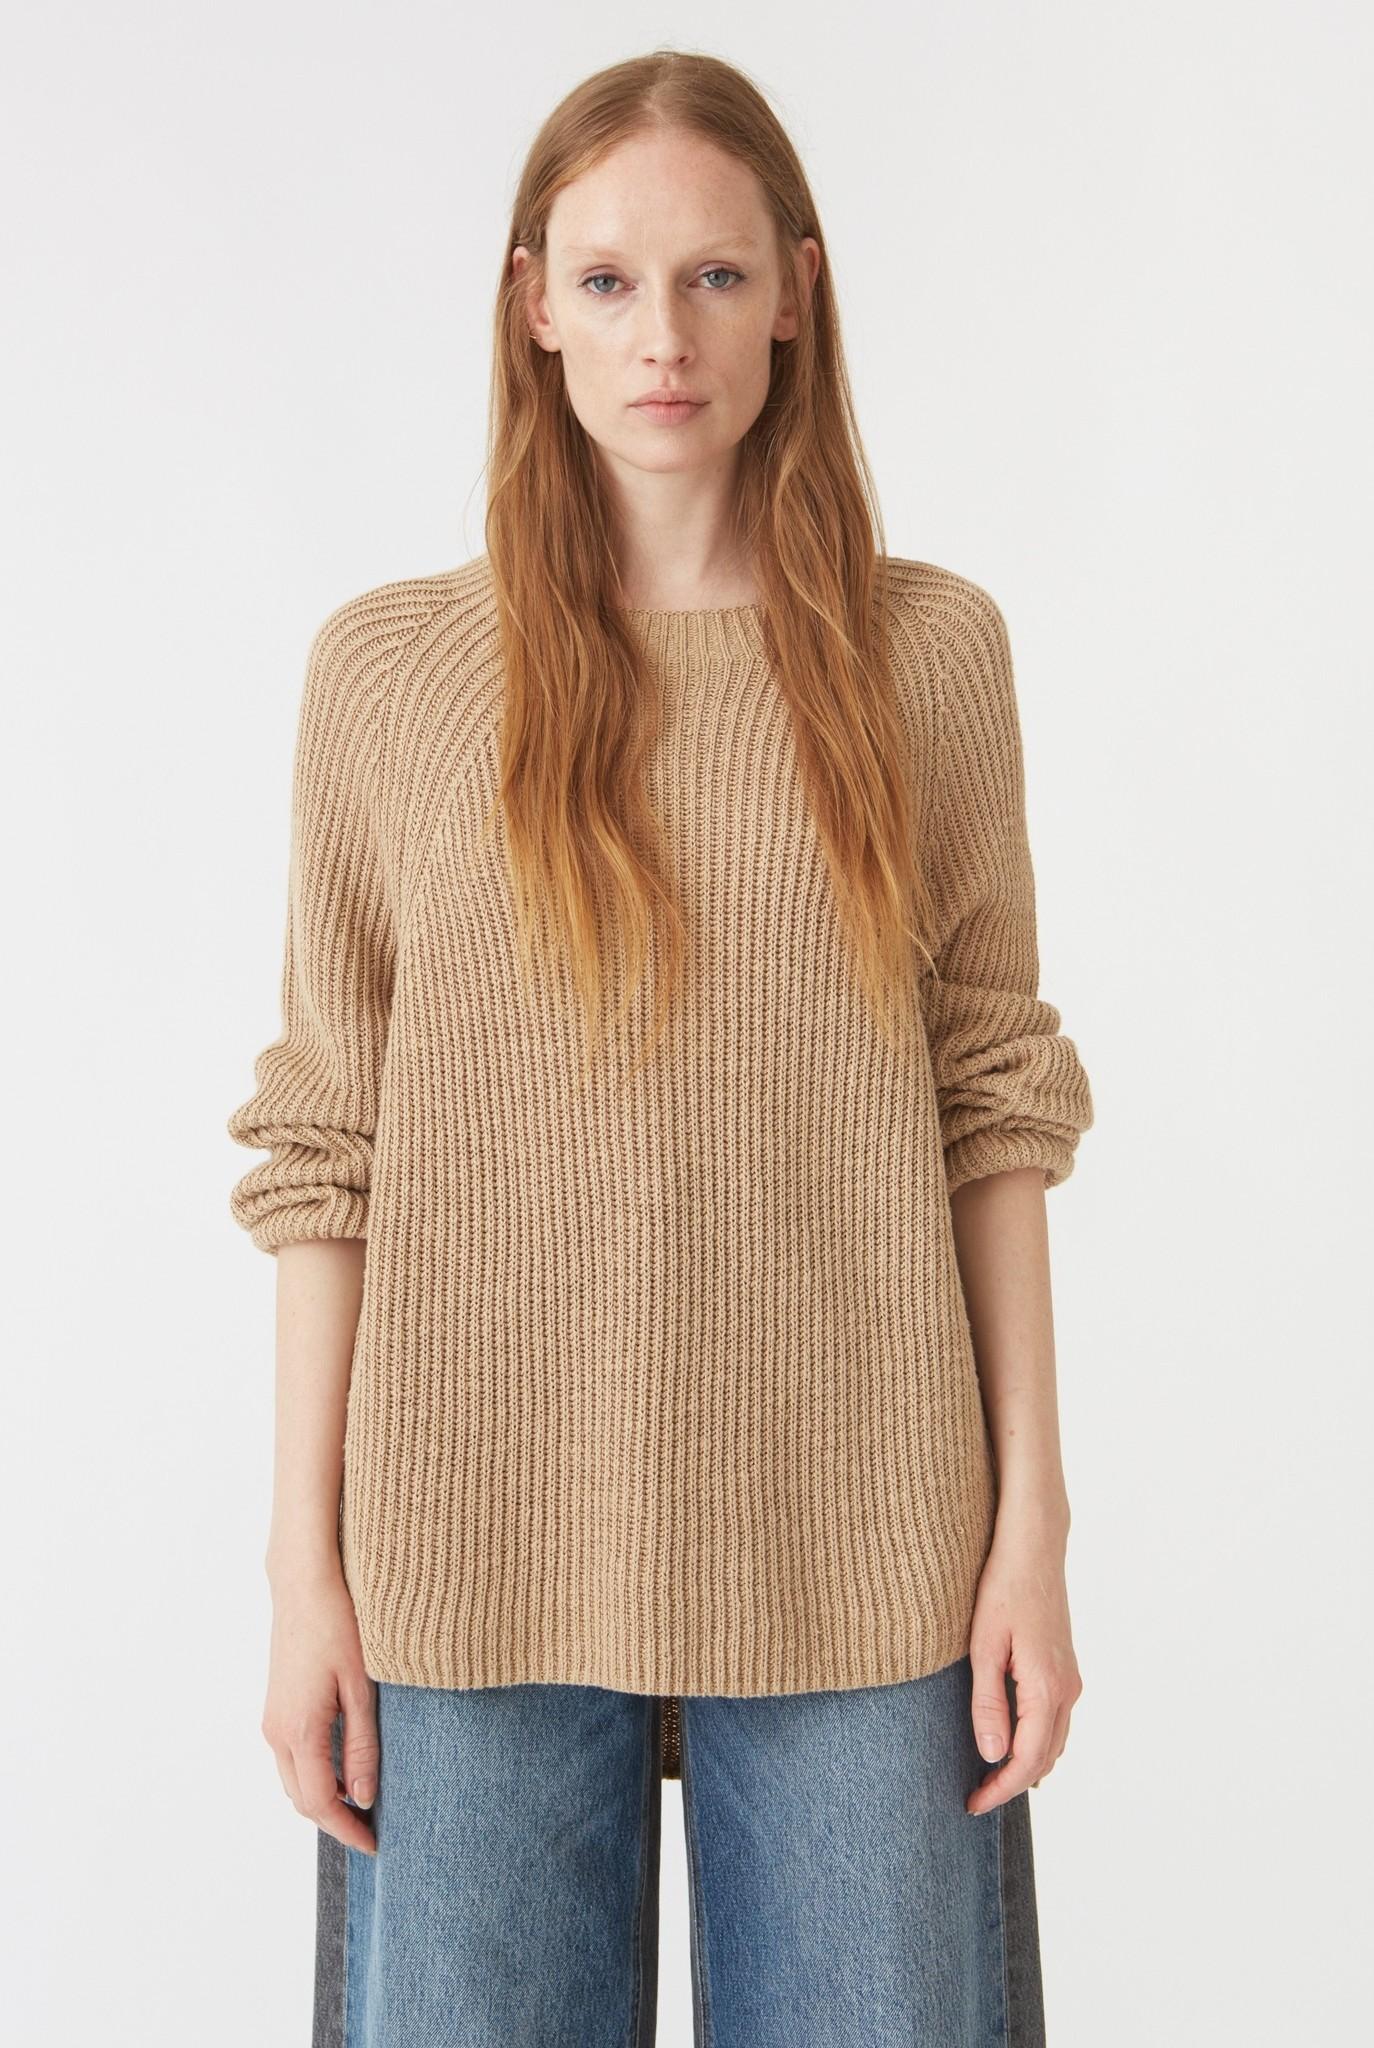 Blank sweater Oat Beige